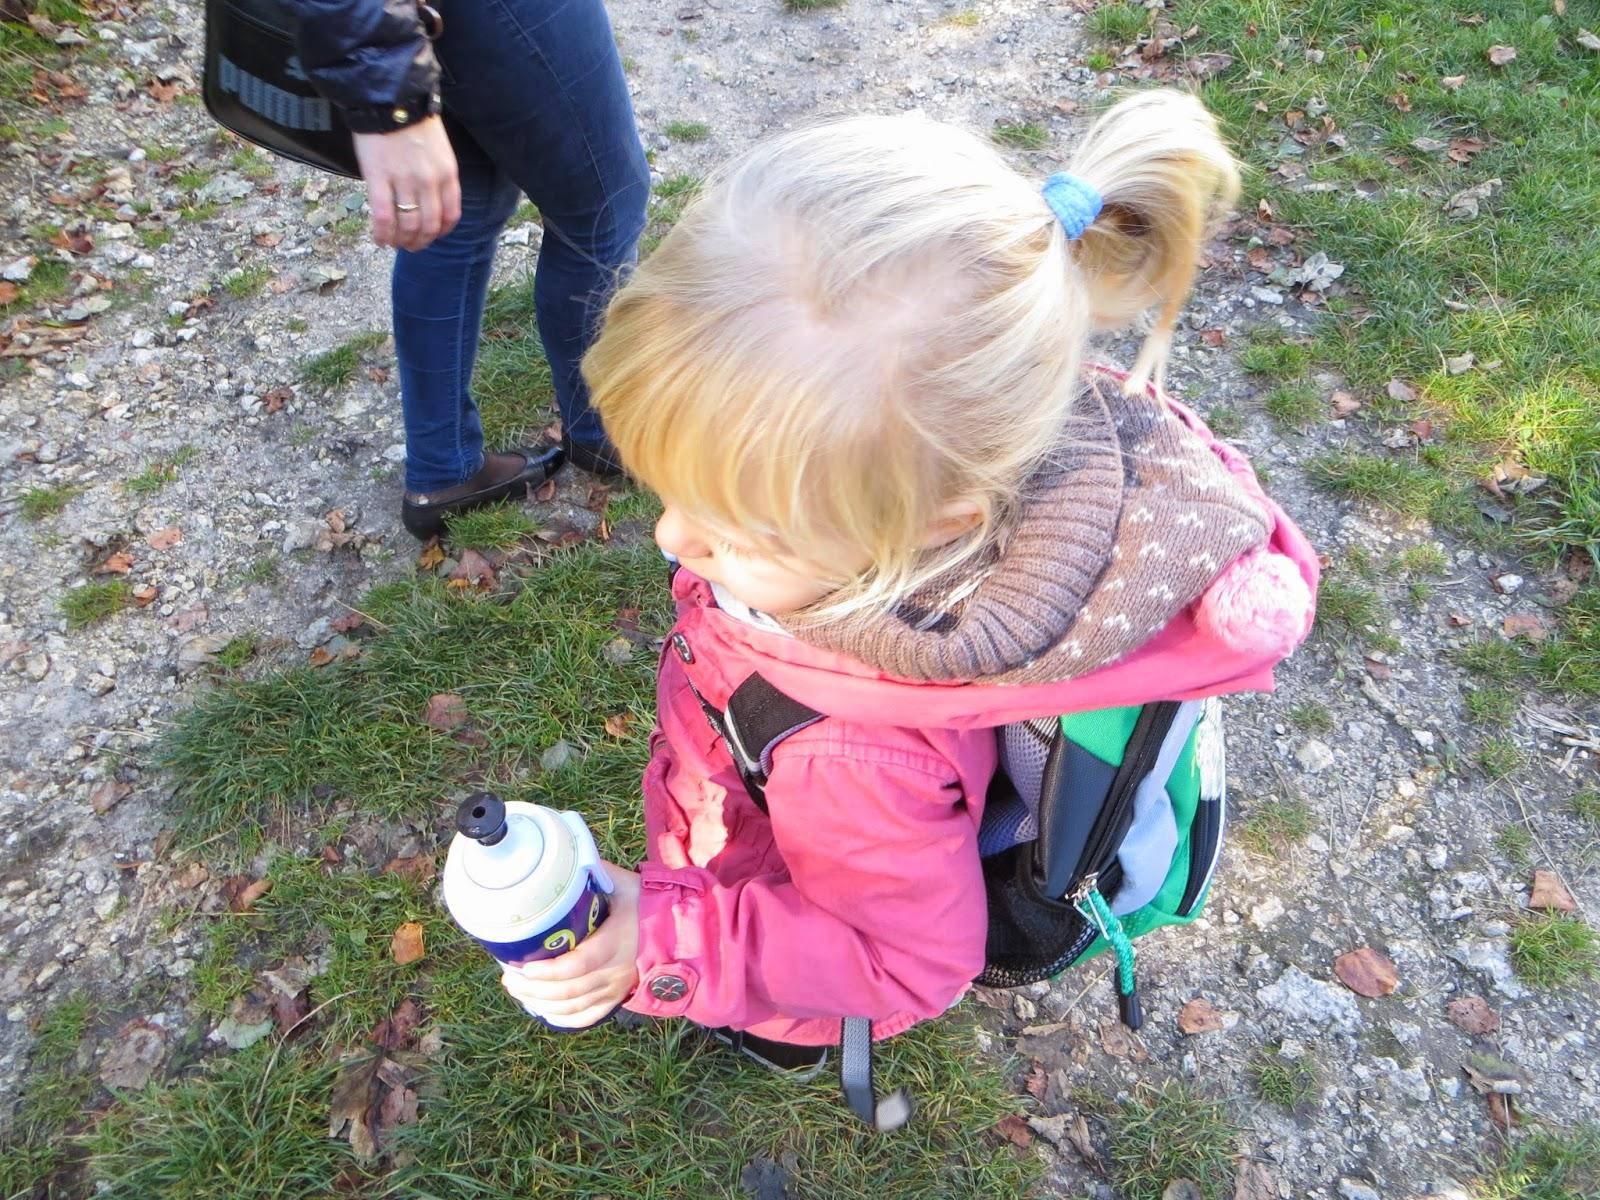 c20ae2c12c0d7 Plecak posiada odblaskową zawieszkę, którą Tosia uwielbia i dzięki, której  jest bezpieczna na naszych pieszych wycieczkach.